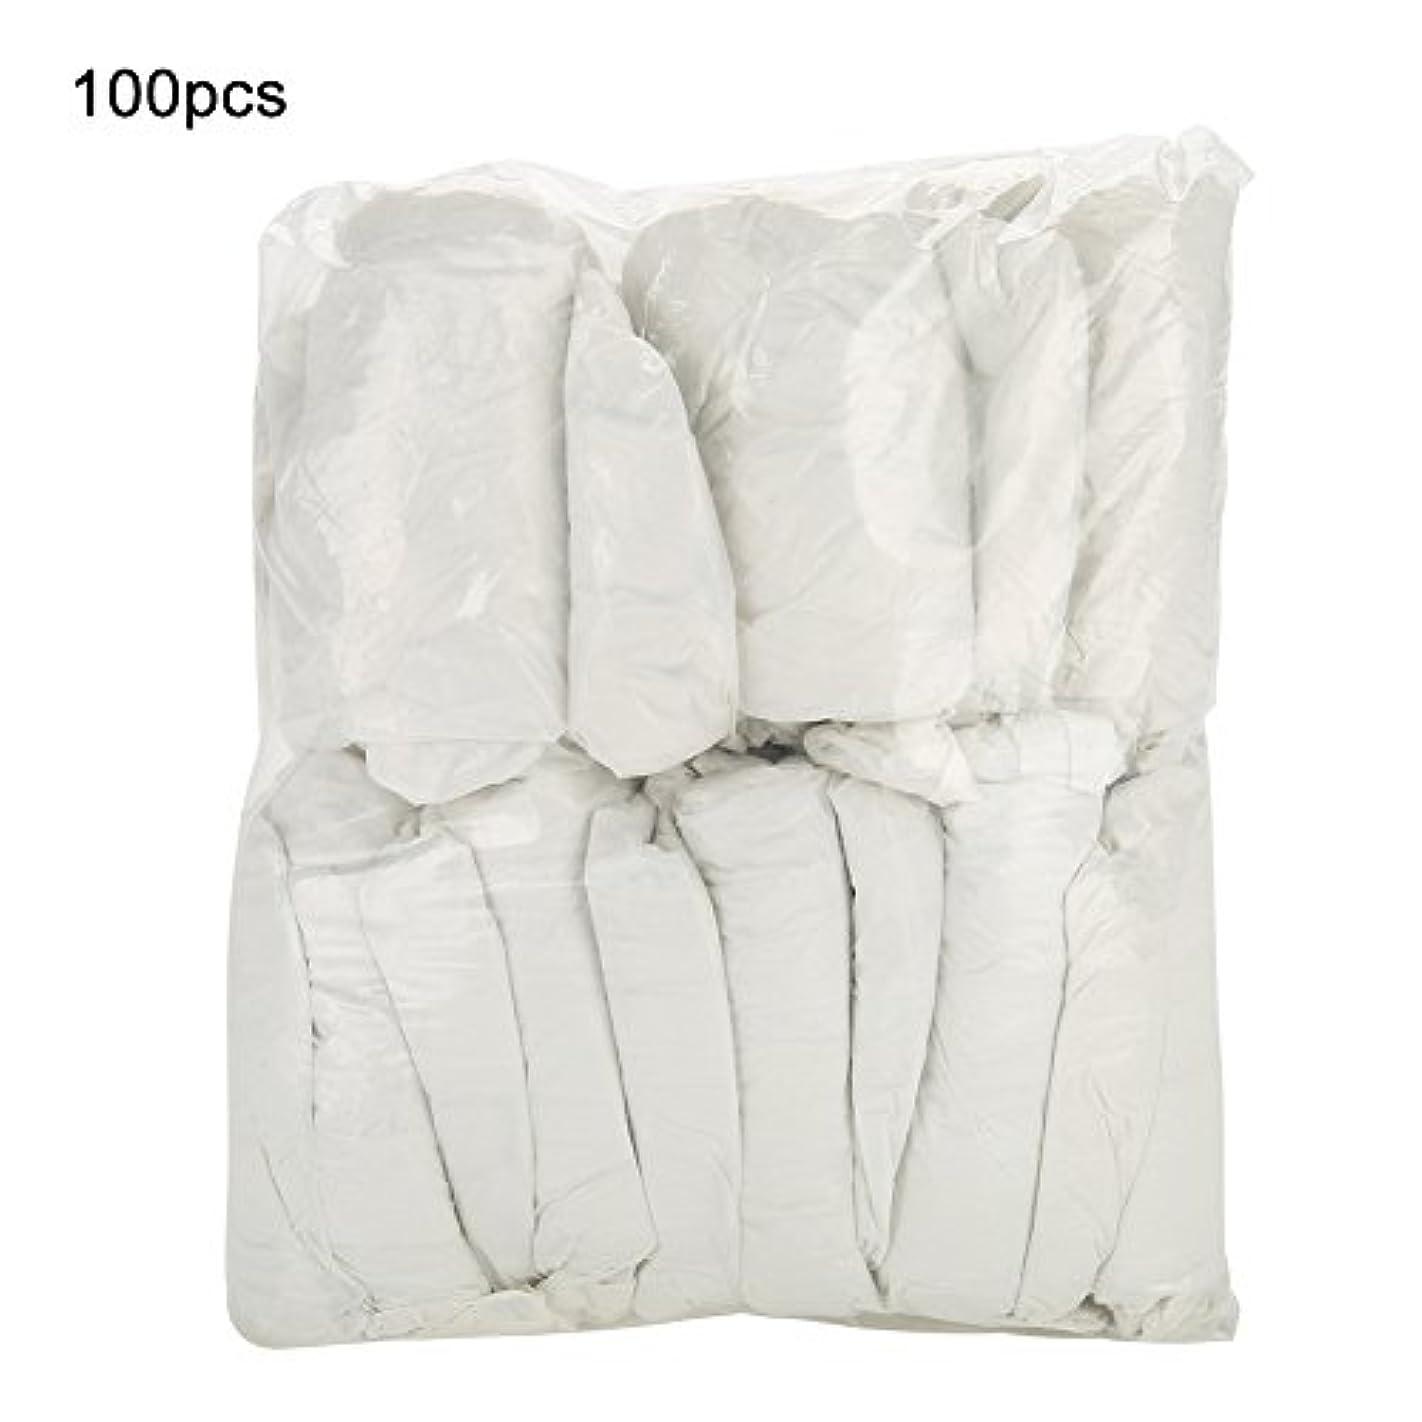 キャラバン軌道論争的Semme 100pcs / bag使い捨てPlasticTattooスリーブ、滅菌タトゥーアームスリーブスリーブレットカバー保護